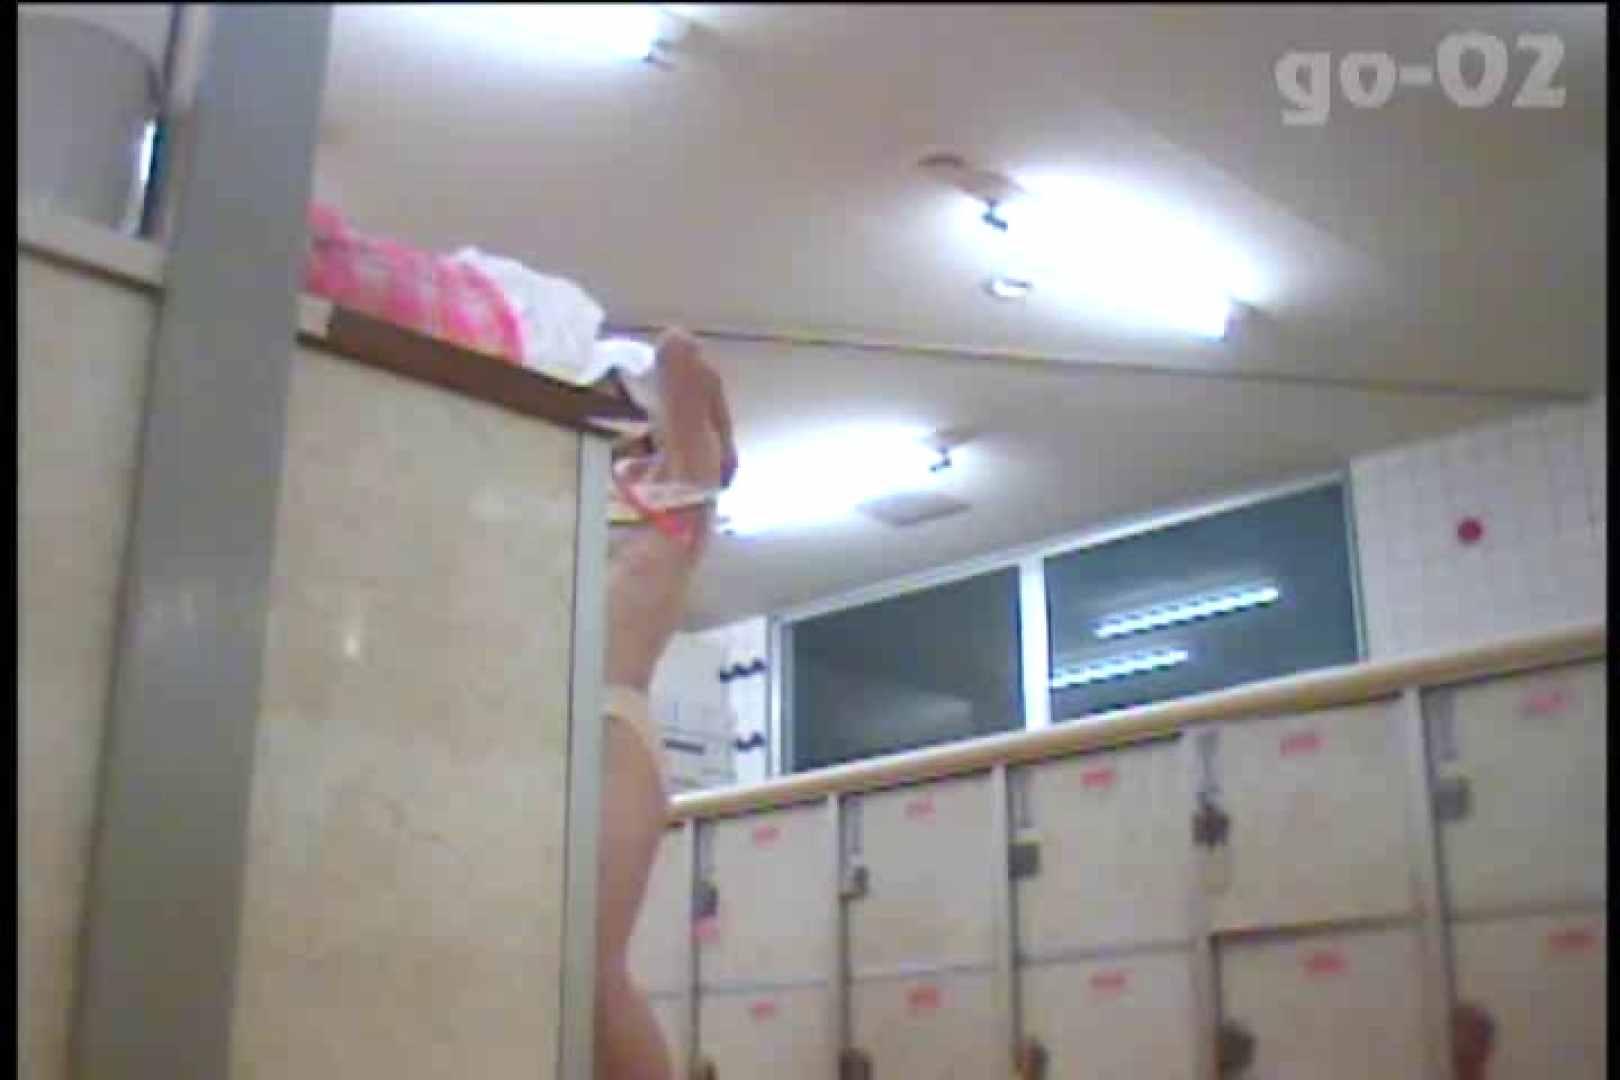 電波カメラ設置浴場からの防HAN映像 Vol.02 OLの実態 | 盗撮  105pic 67